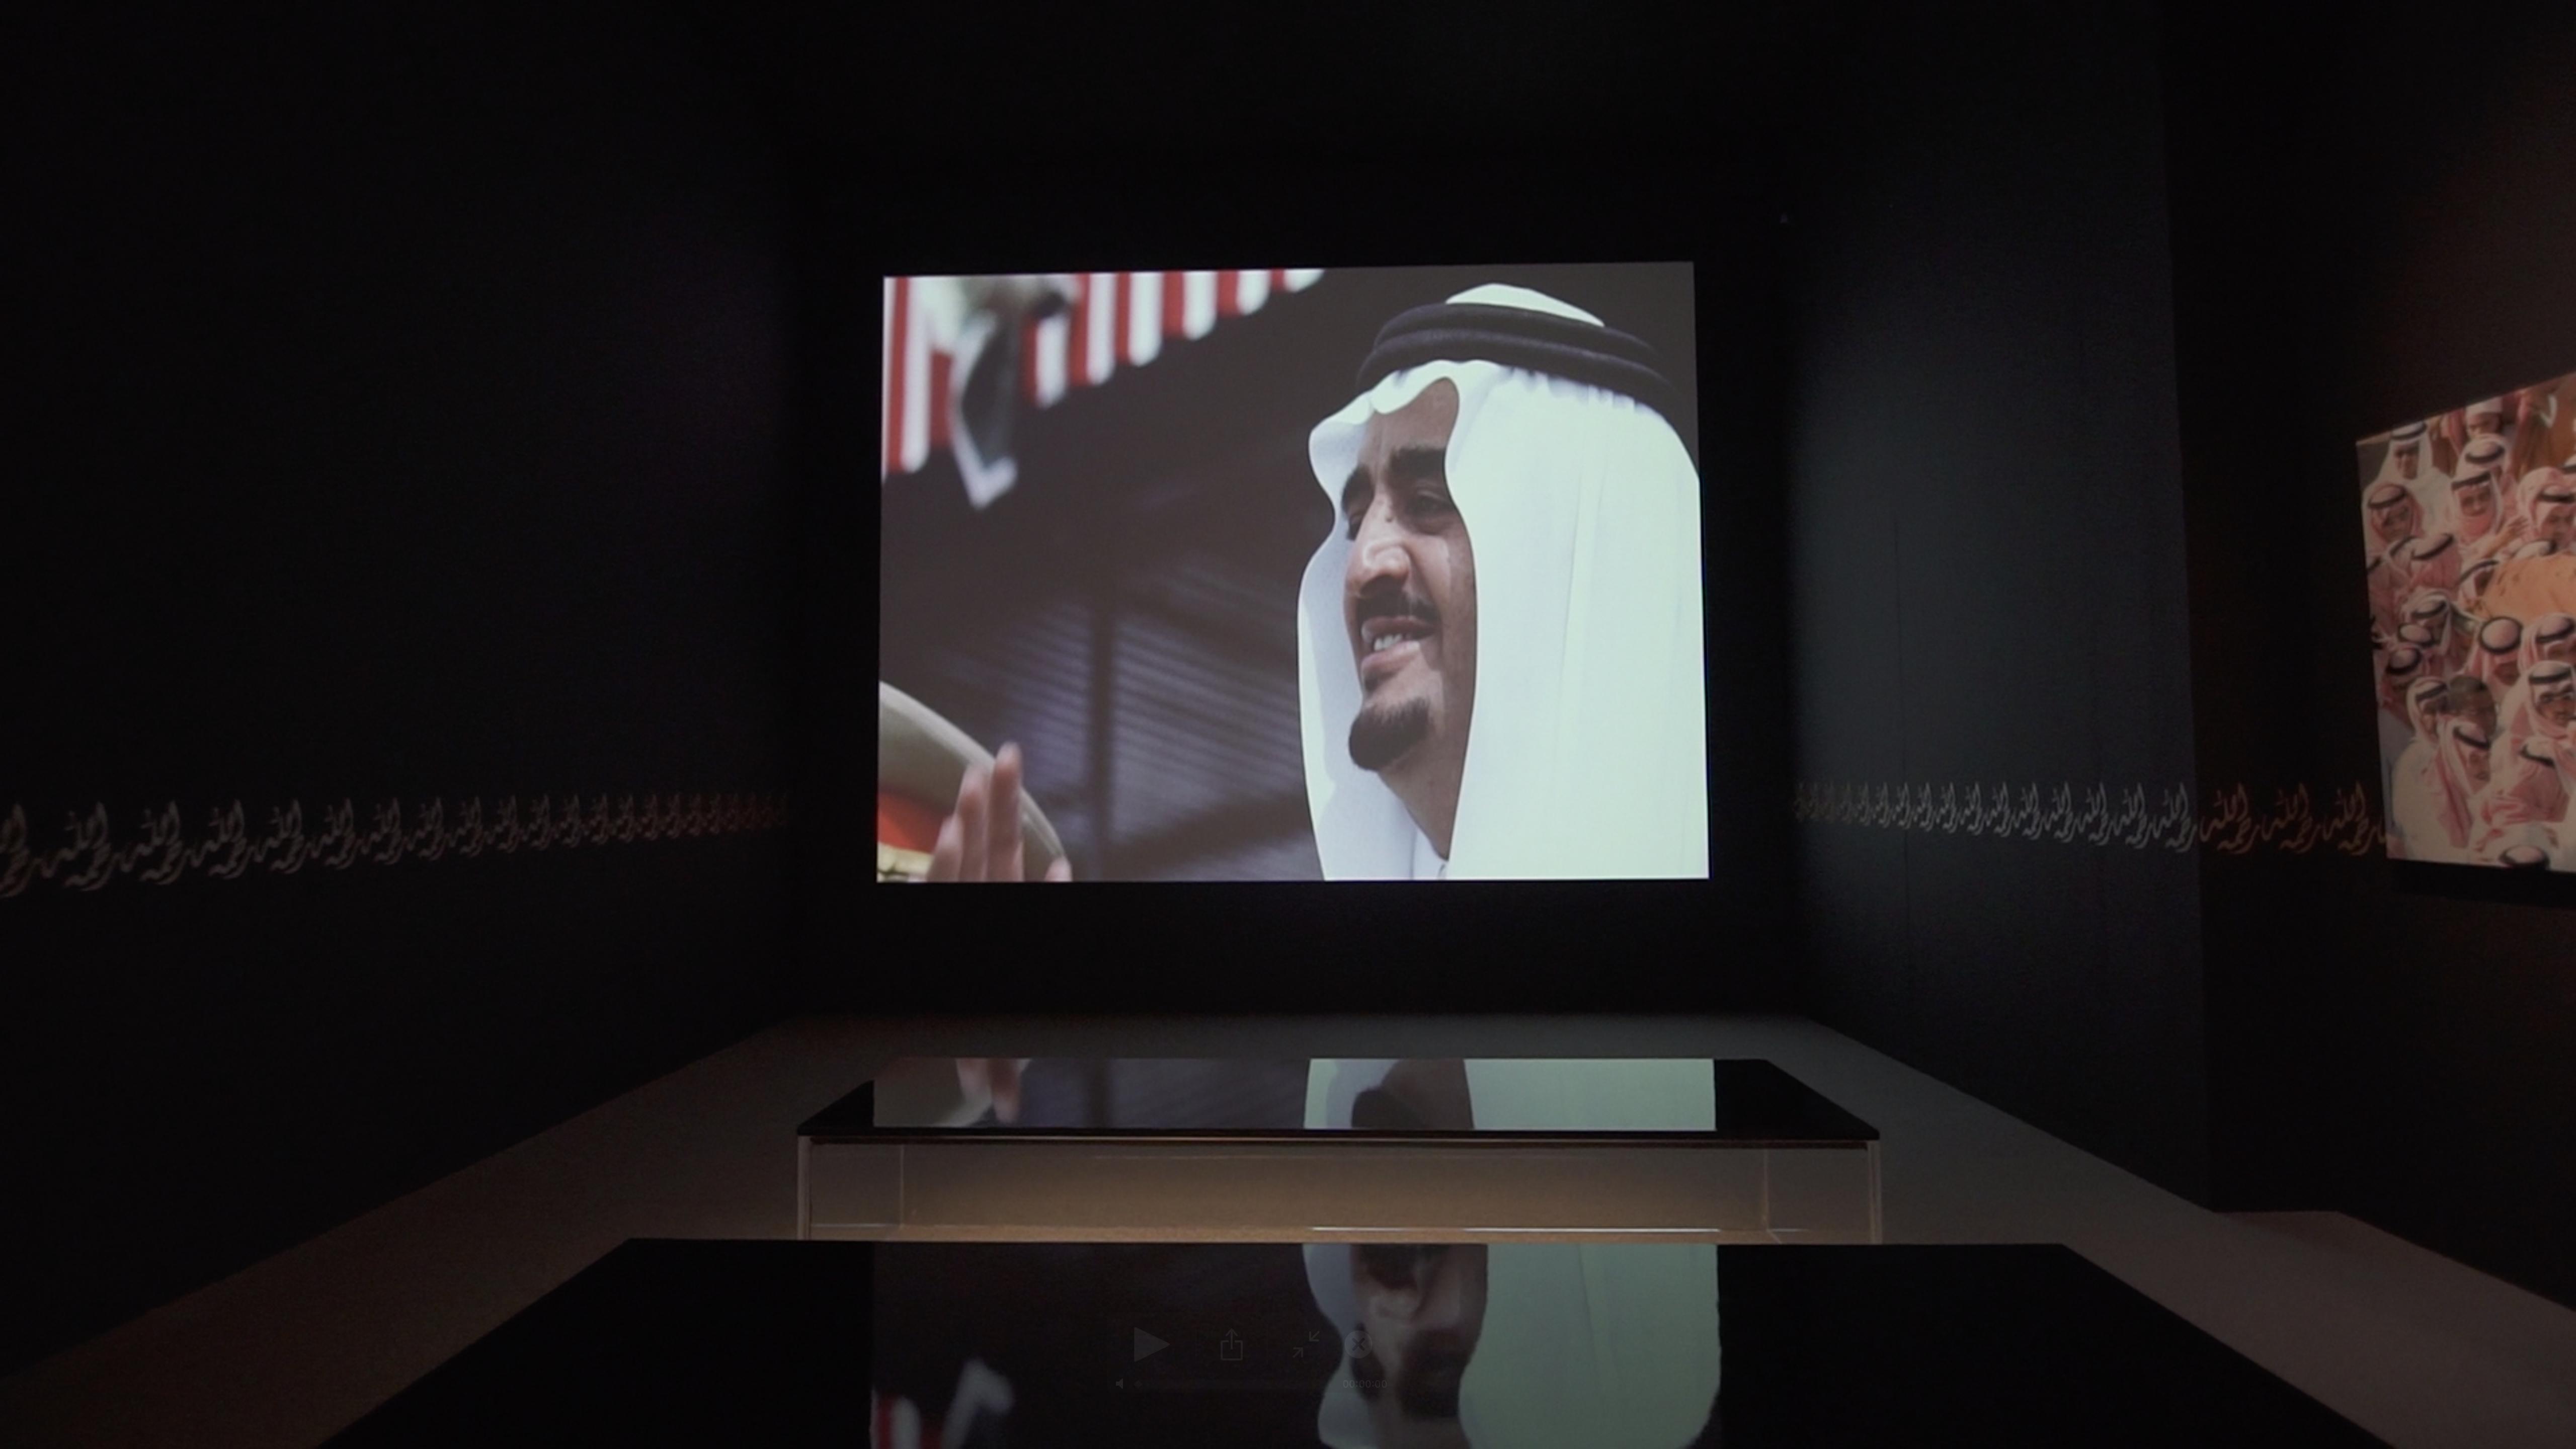 الملك فهد بن عبد العزيز الفهد روح القيادة قسم الوفاة و صلاة الجنازة